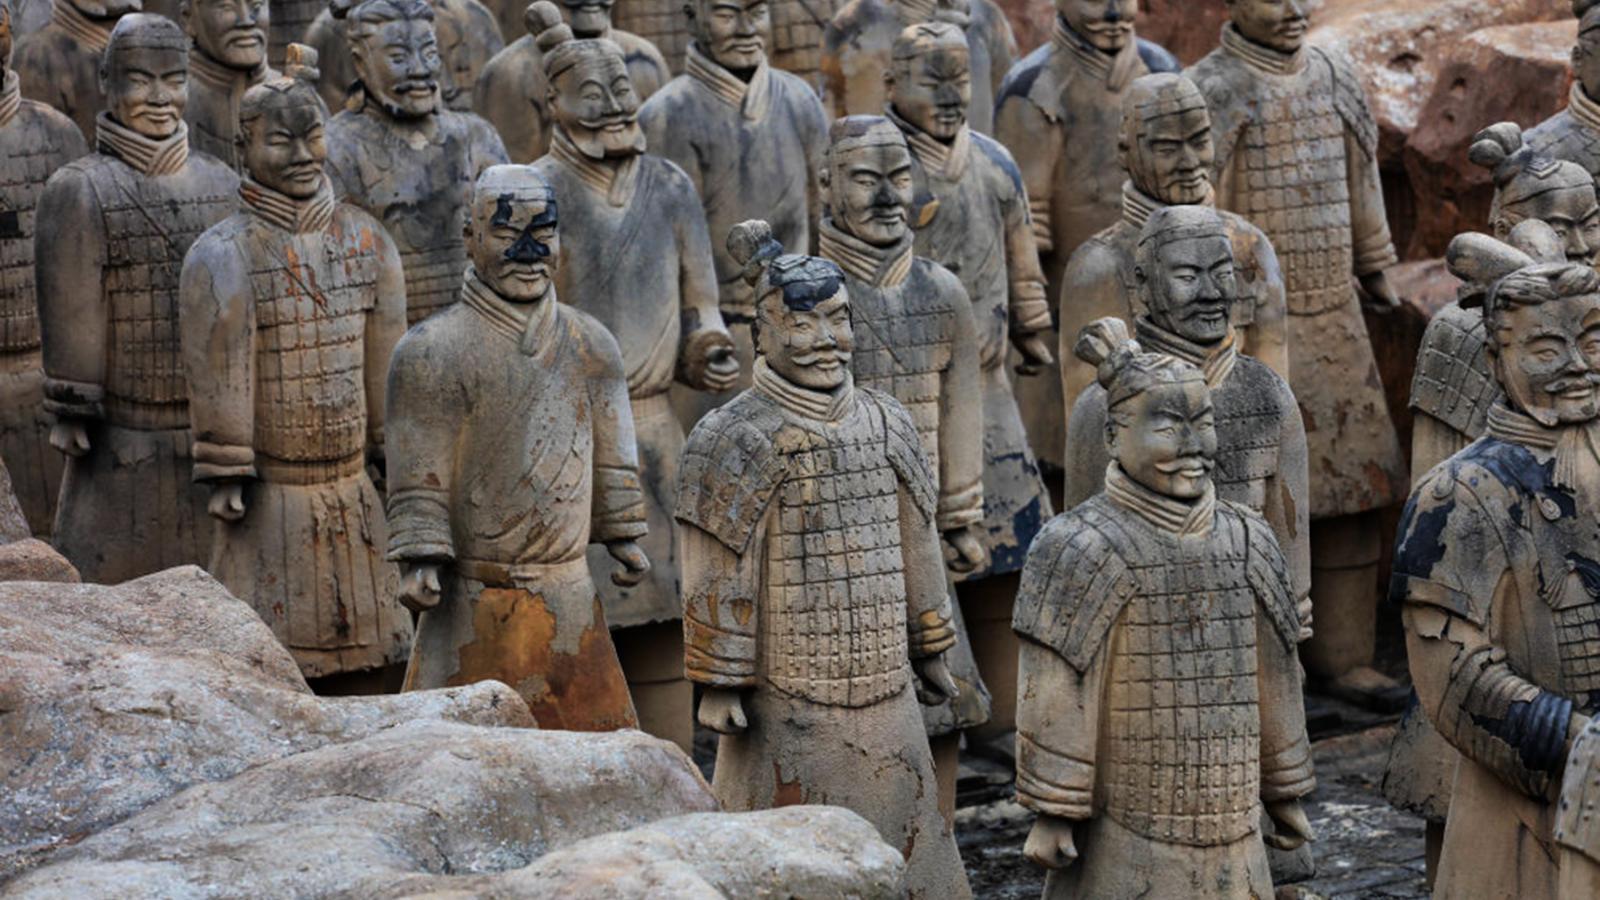 Els guerrers de Xian tenen més de 2.000 anys d'antiguitat